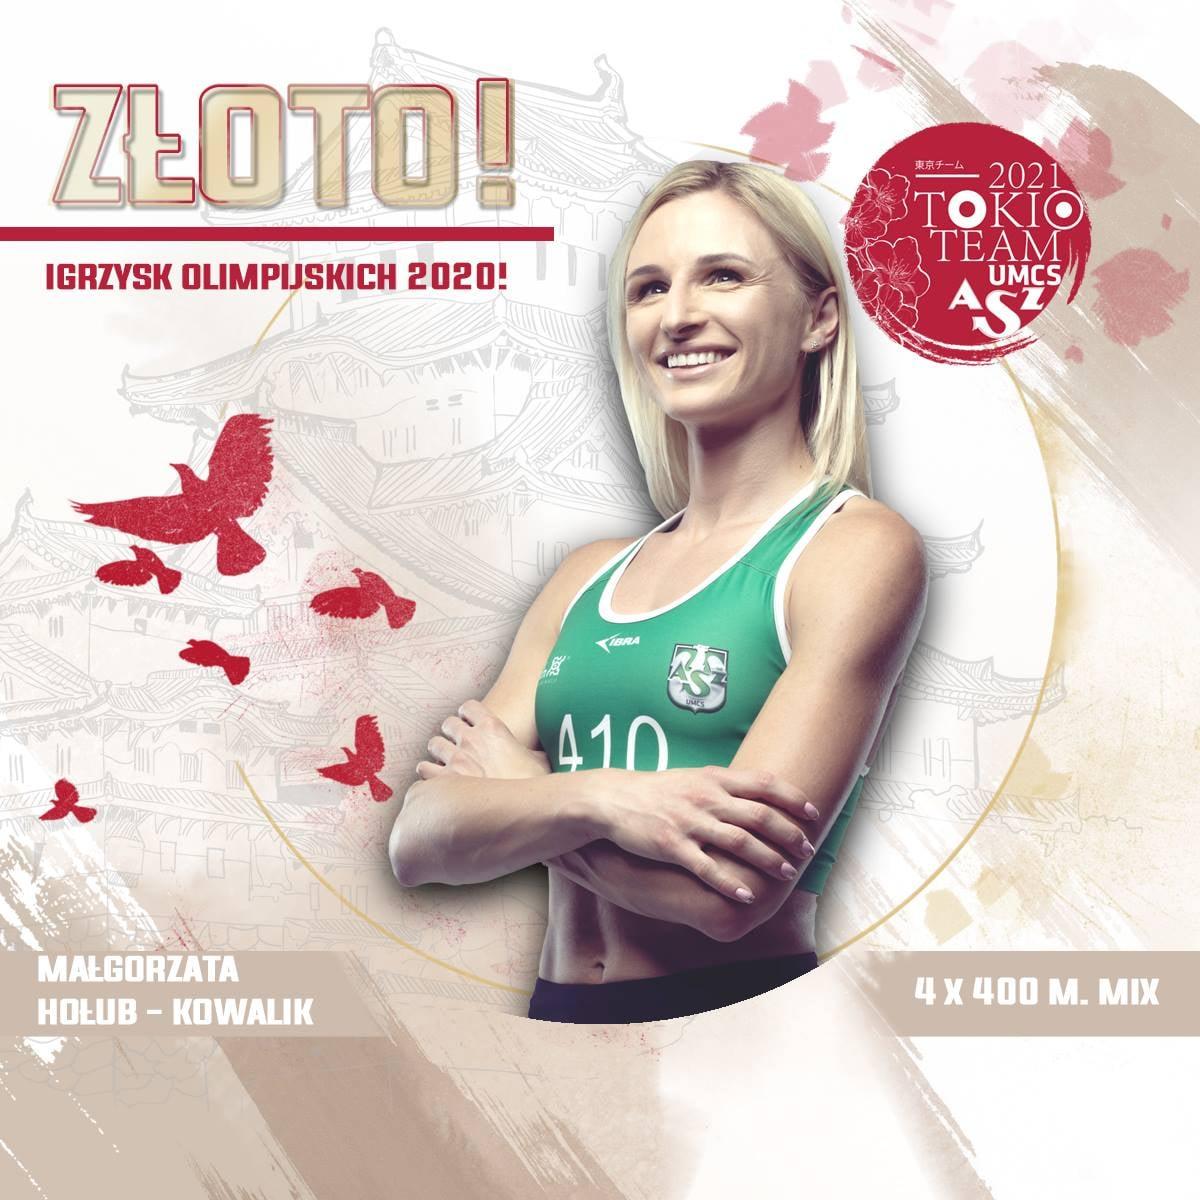 Tokio 2020: Małgorzata Hołub - Kowalik z olimpijskim złotem!